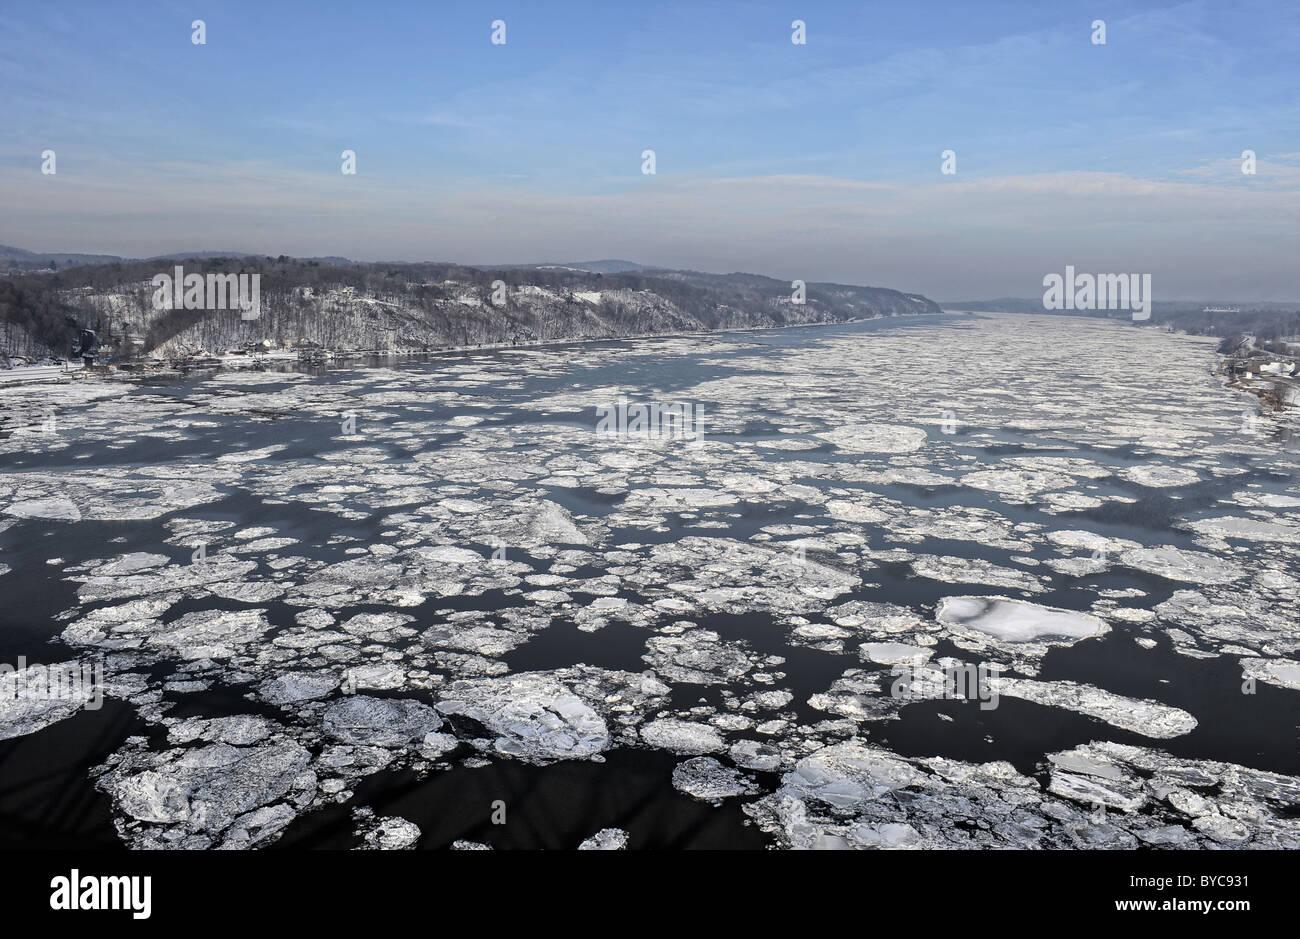 Winter ice on the Hudson river near Poughkeepsie Stock Photo